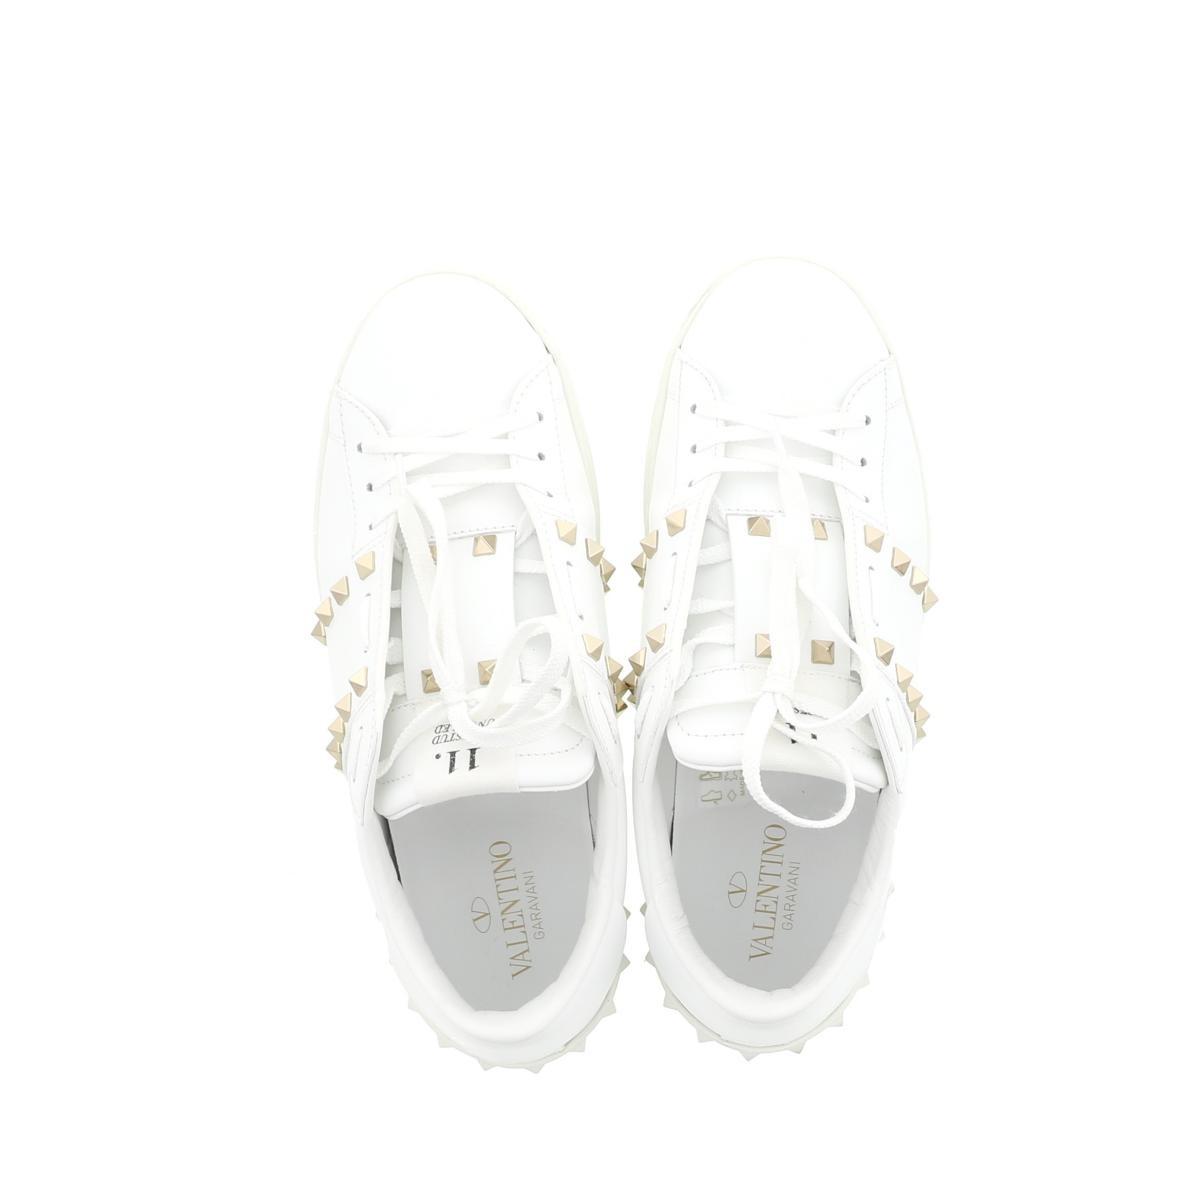 【即日発送・水曜定休日・木曜発送】【中古】【RI】VALENTINO (ヴァレンティノ) ロックスタッズ アンタイトルド スニーカー 靴 靴/メンズ ロックスタッズ White/ホワイト